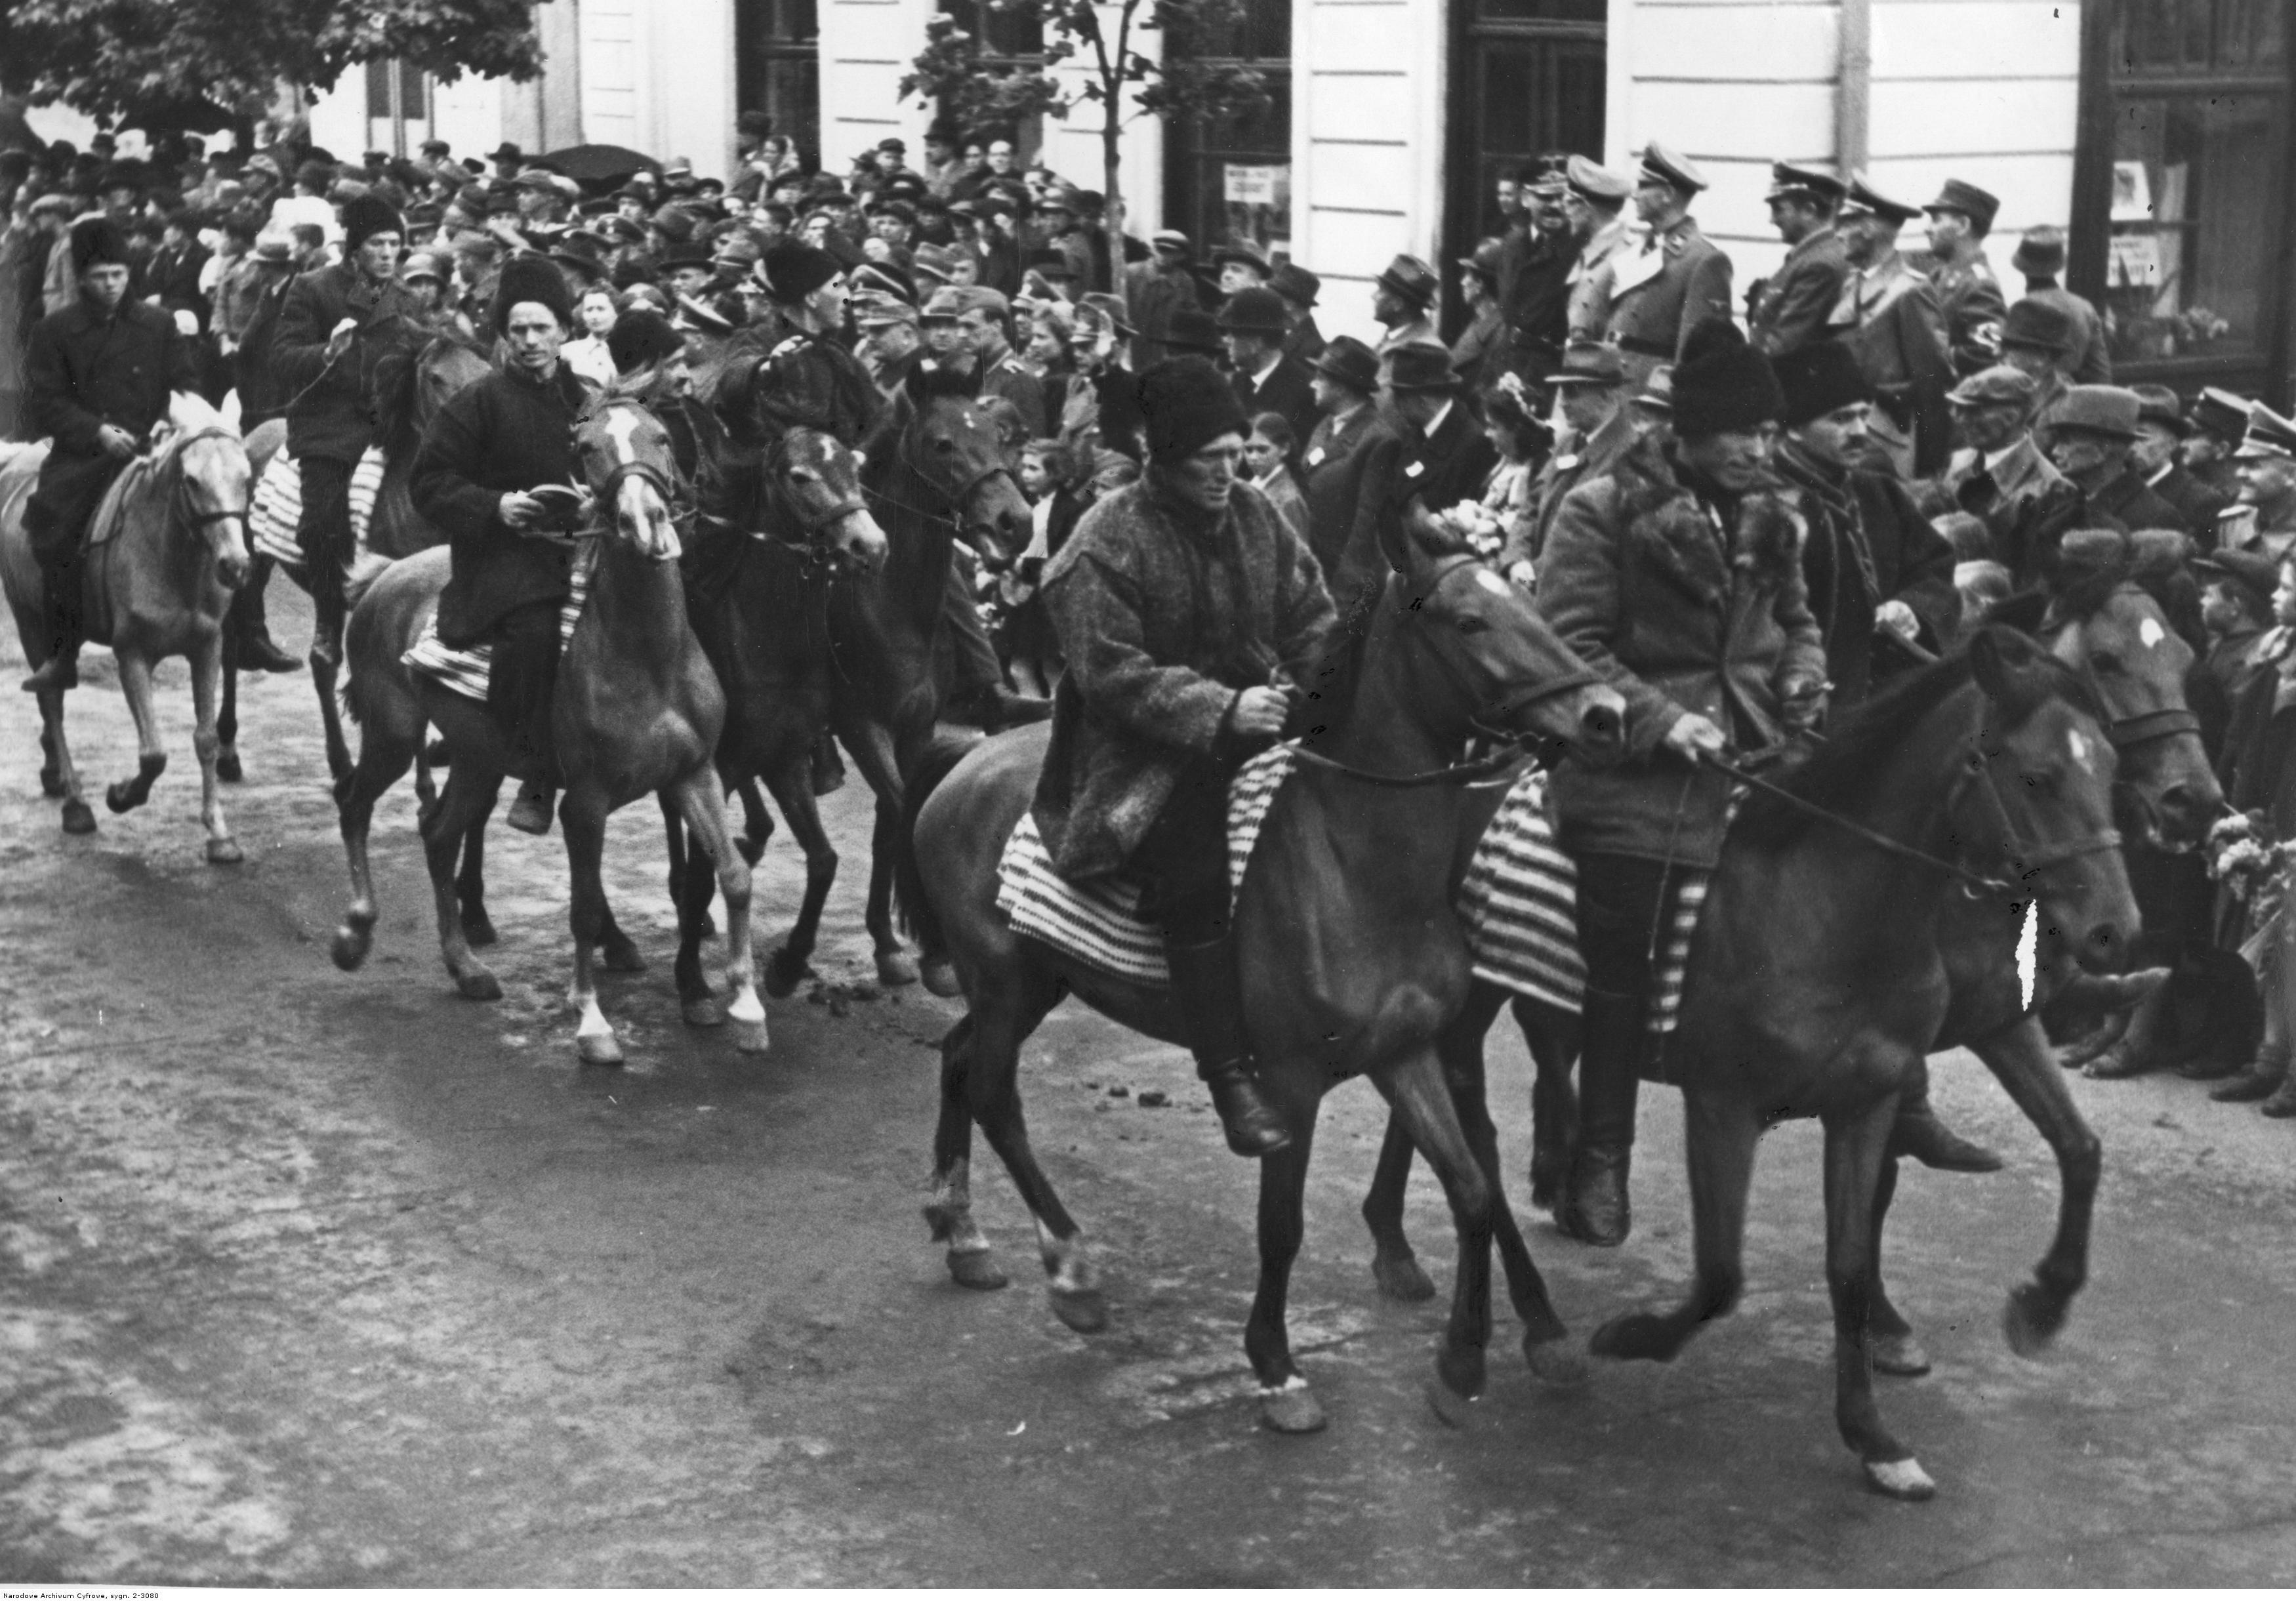 1943. Марш украинских крестьян на лошадях по случаю прибытия гененрал-губернатора Ганса Франка. Май